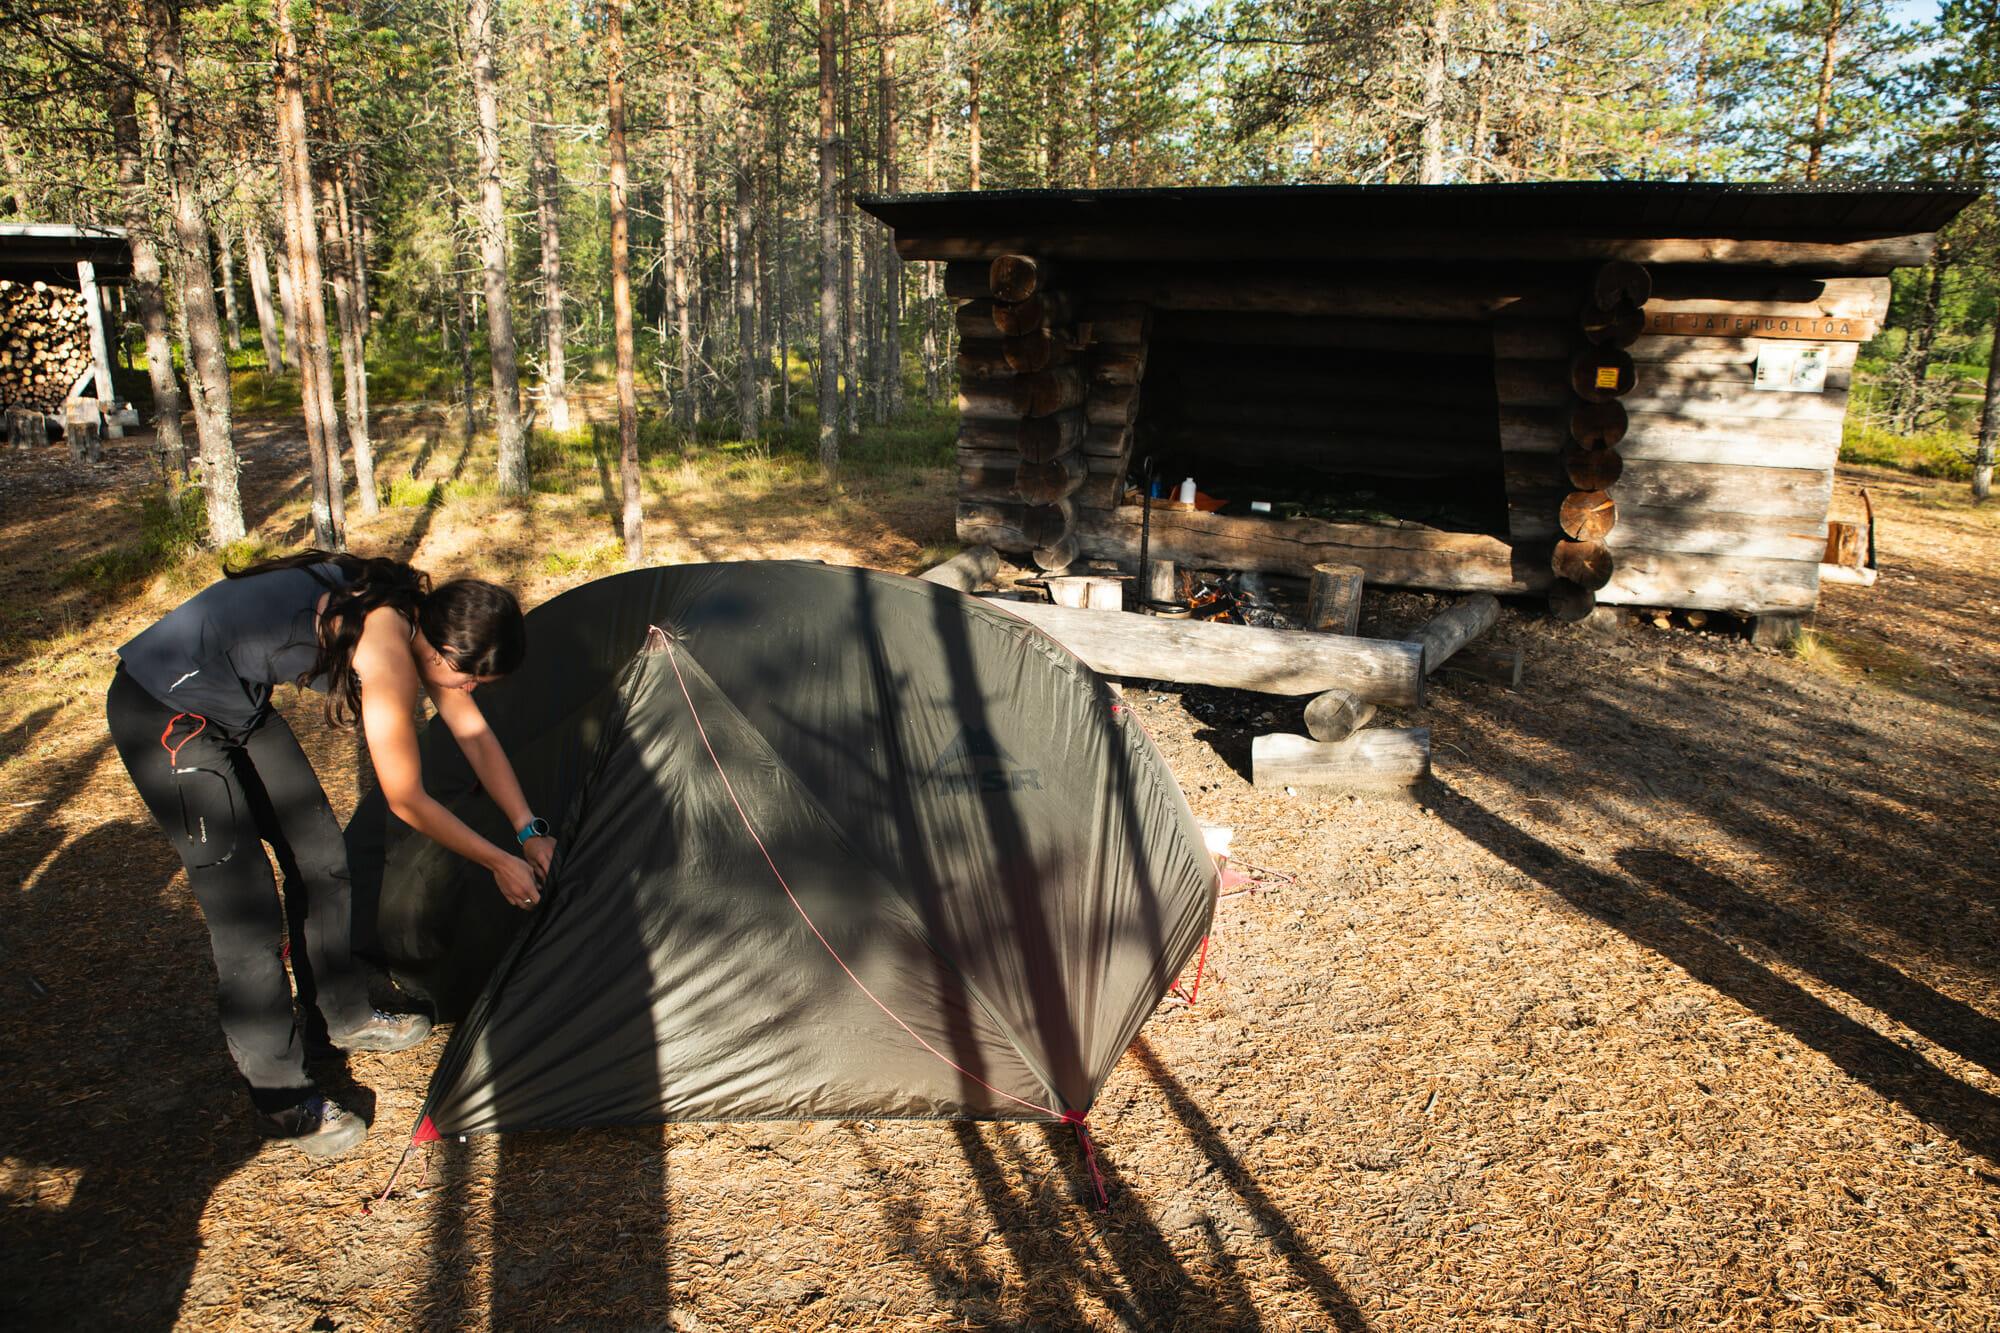 Packraft sur la rivière Oulanka - Laponie finlandaise - Bivouaquer au coeur de la forêt laponne - parcs nationaux finlandais